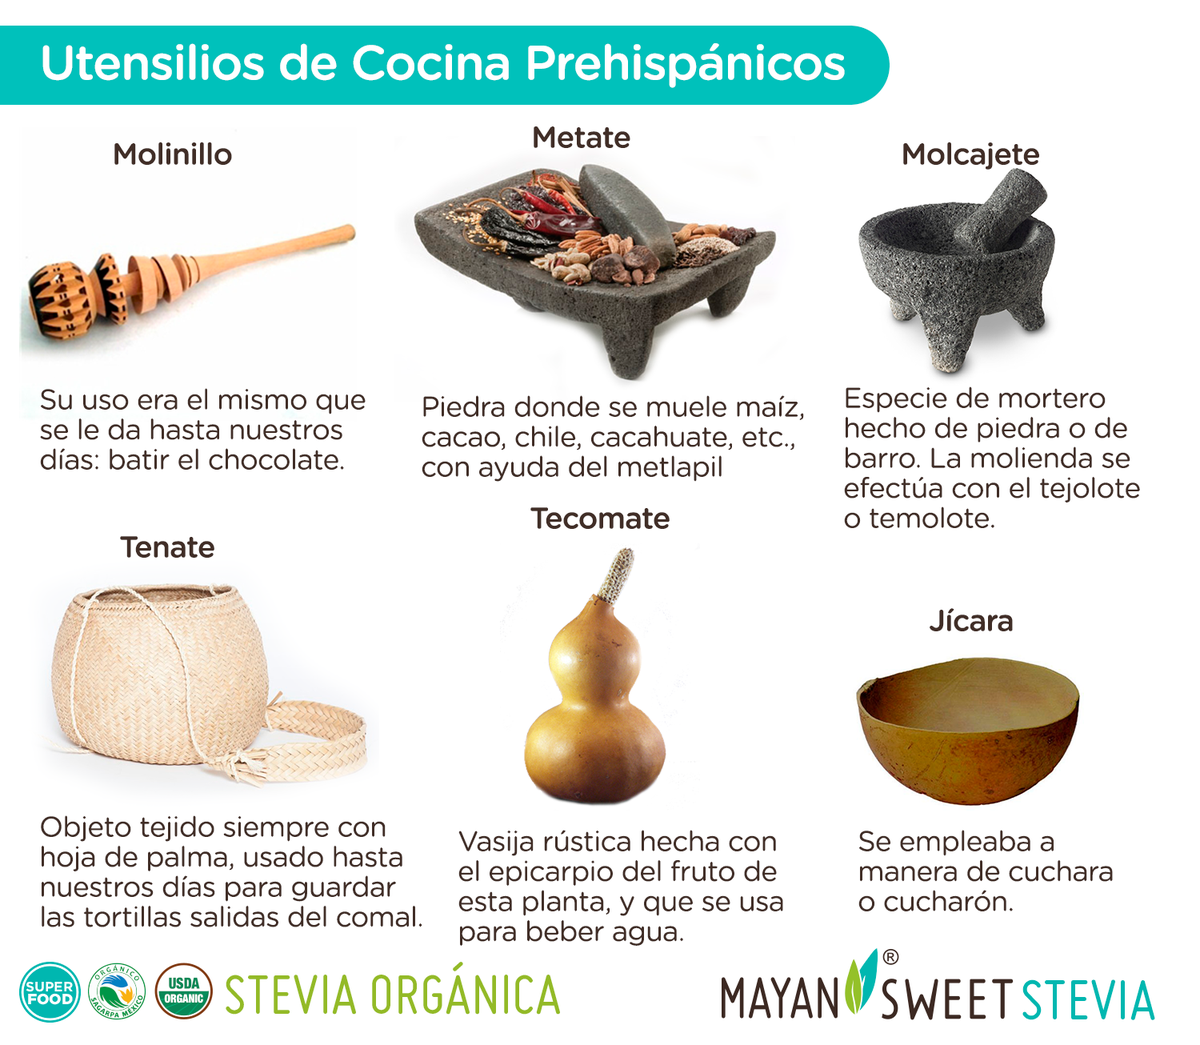 Mayan sweet stevia on twitter cu les eran los for Utensilios de cocina antiguos con nombres